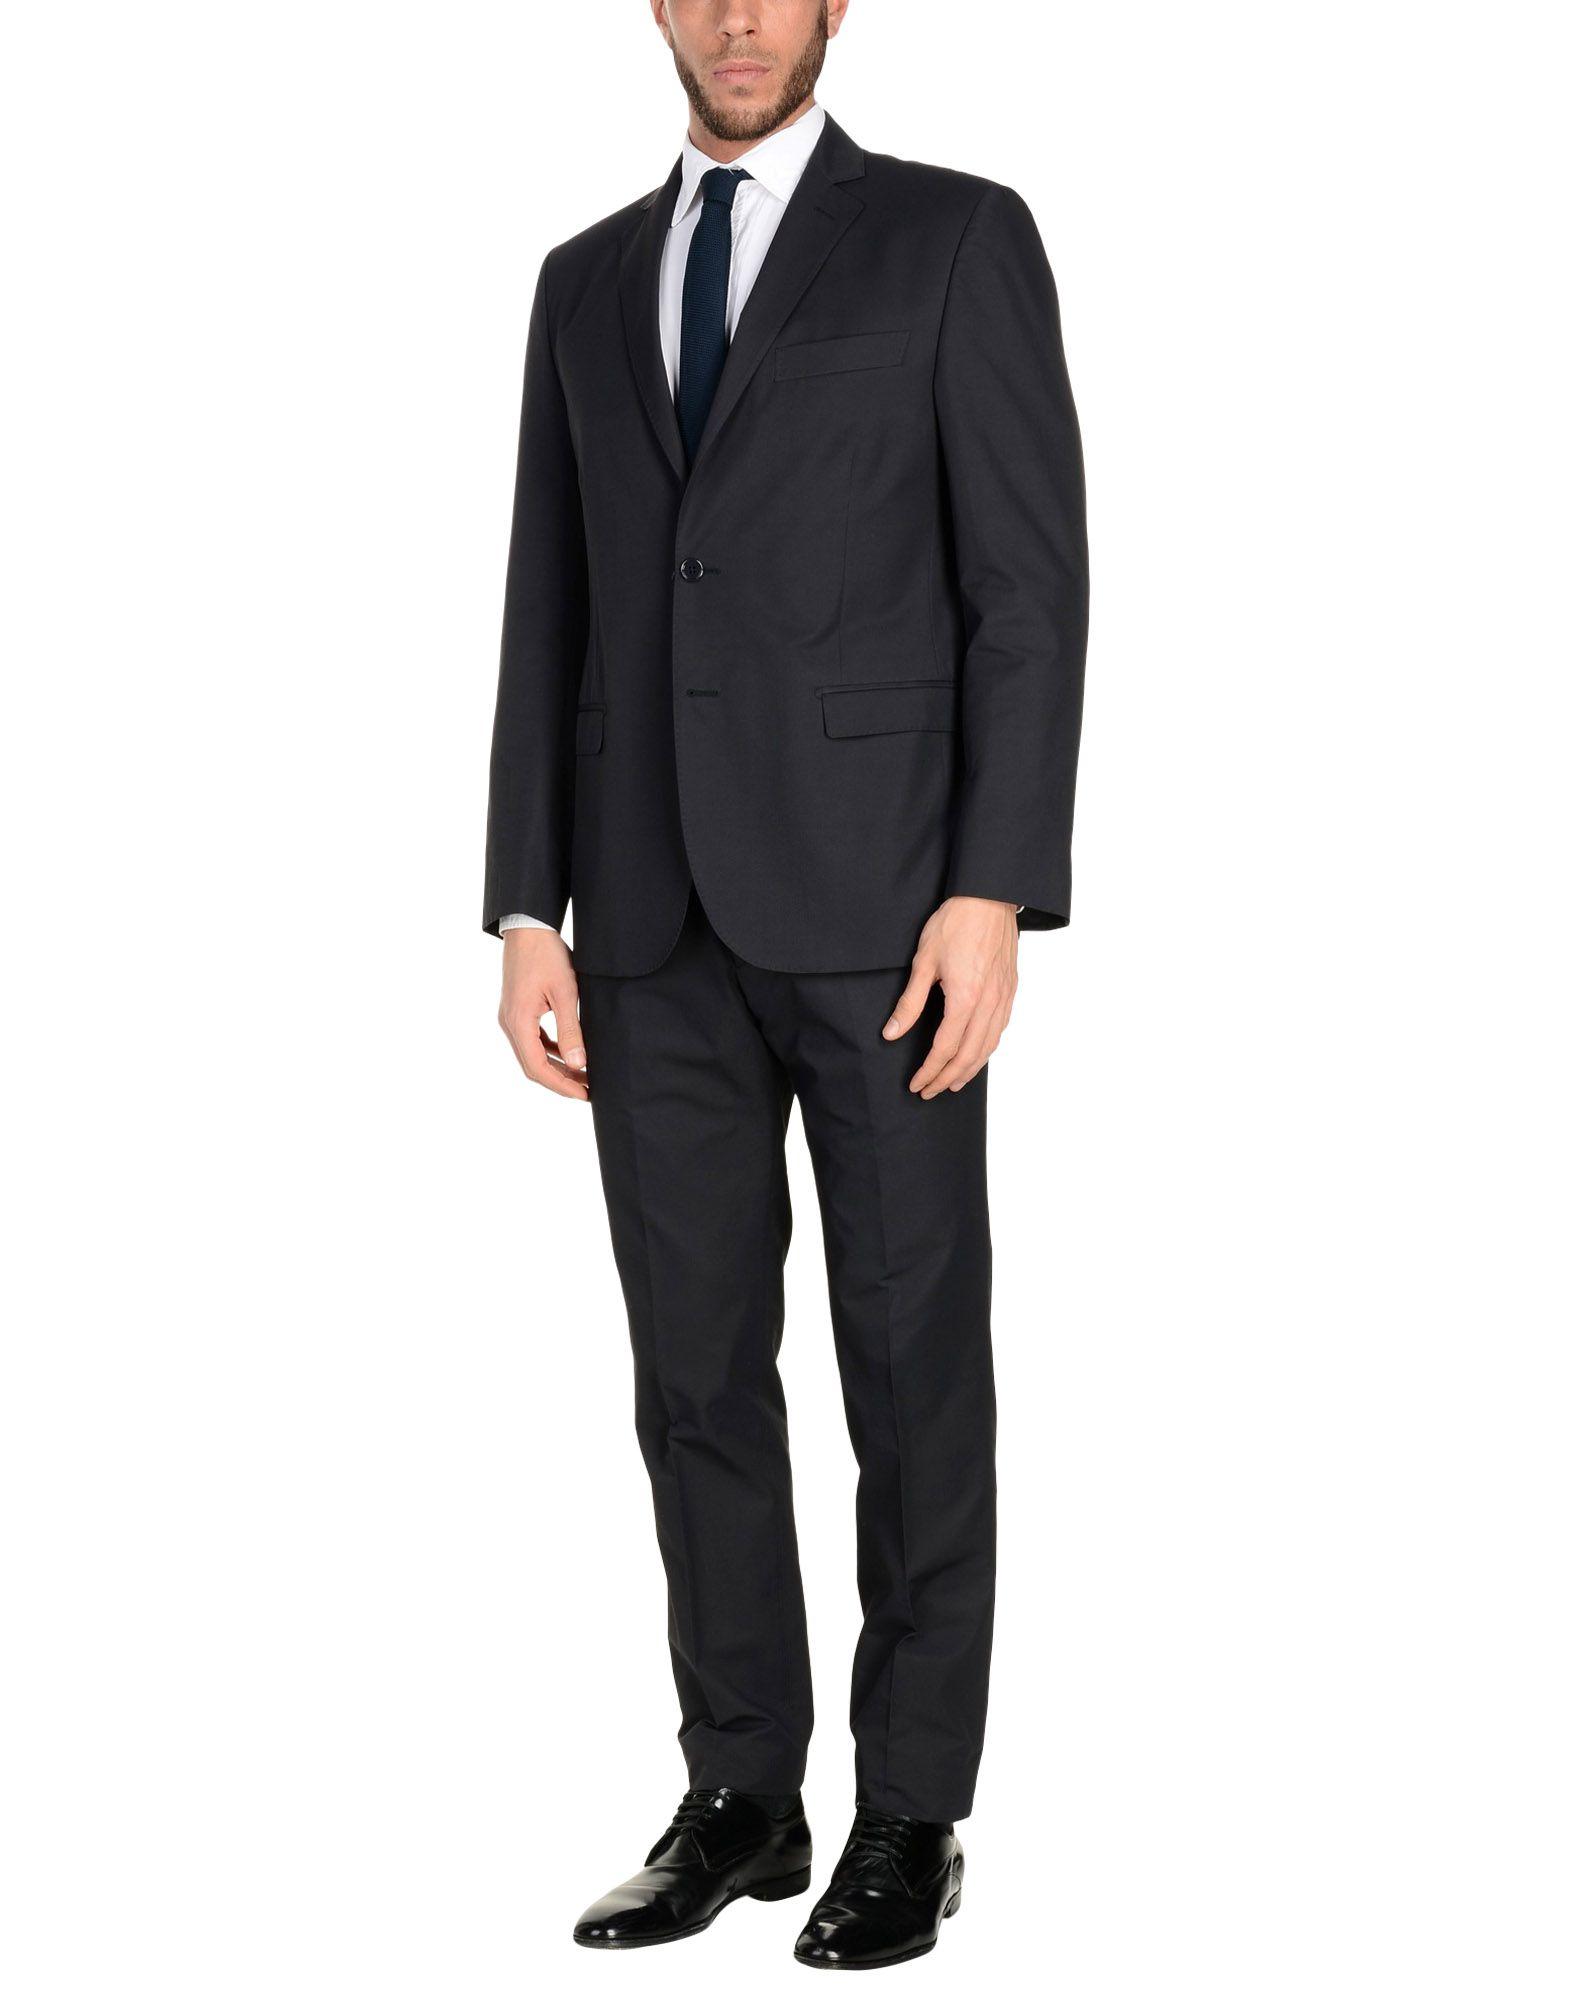 MONTEZEMOLO Suits in Steel Grey